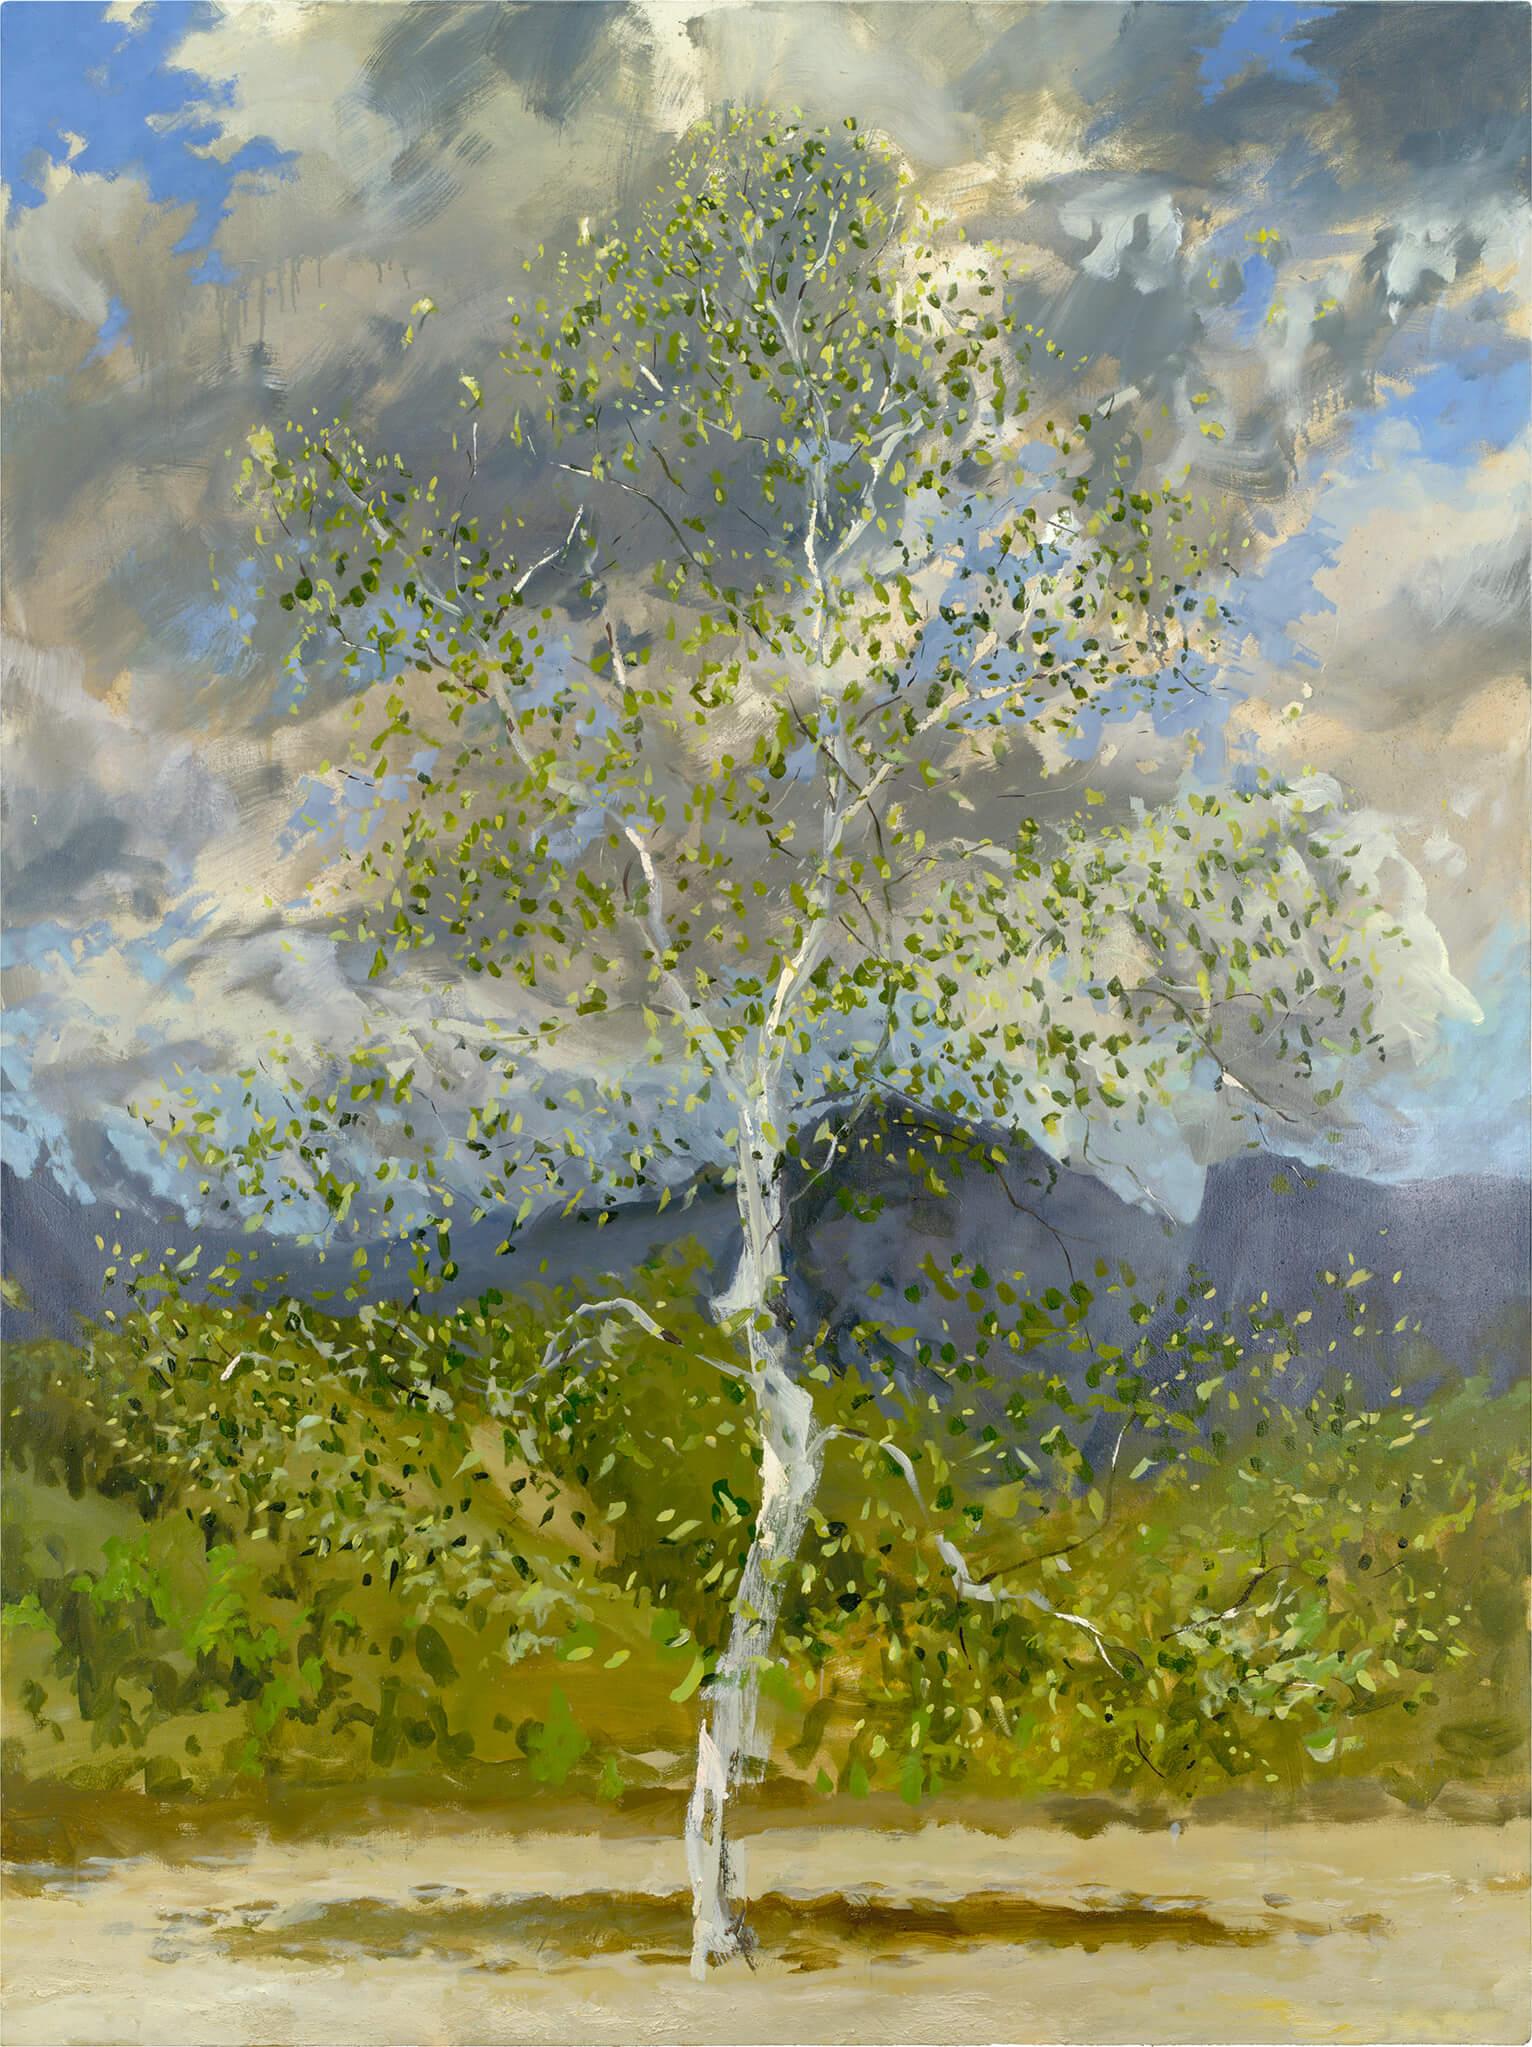 RHSK059 Silver Birch in June Light ( Oil on Linen ) 195 x 146 cm